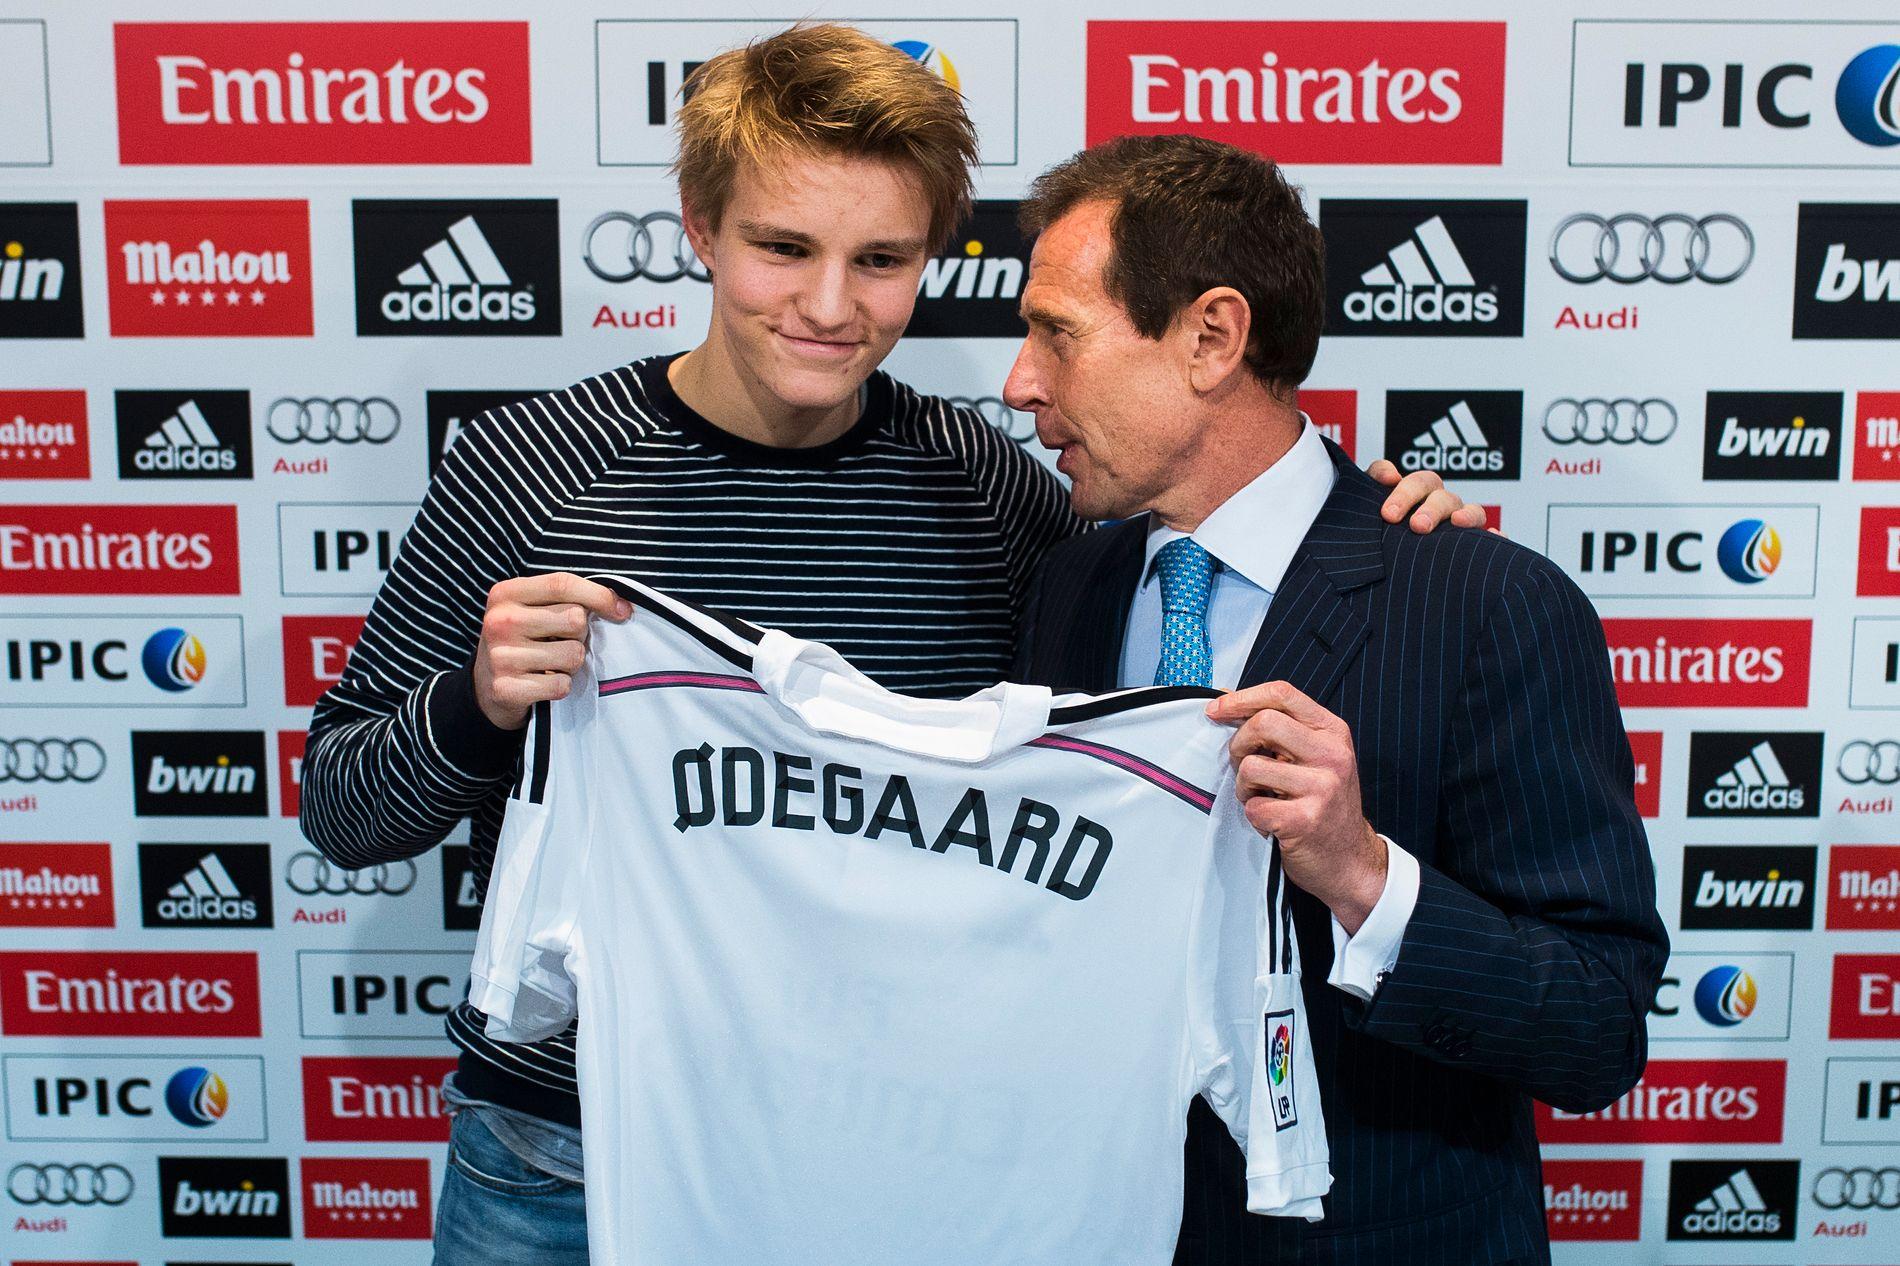 STOR DAG: 22. januar 2015 ble Martin Ødegaard presentert som Real Madrid-spiller, og direktør Emilio Butragueno og klubbens ledelse har fremdeles tro på nordmannen. Kontrakten er forlenget til 2021.